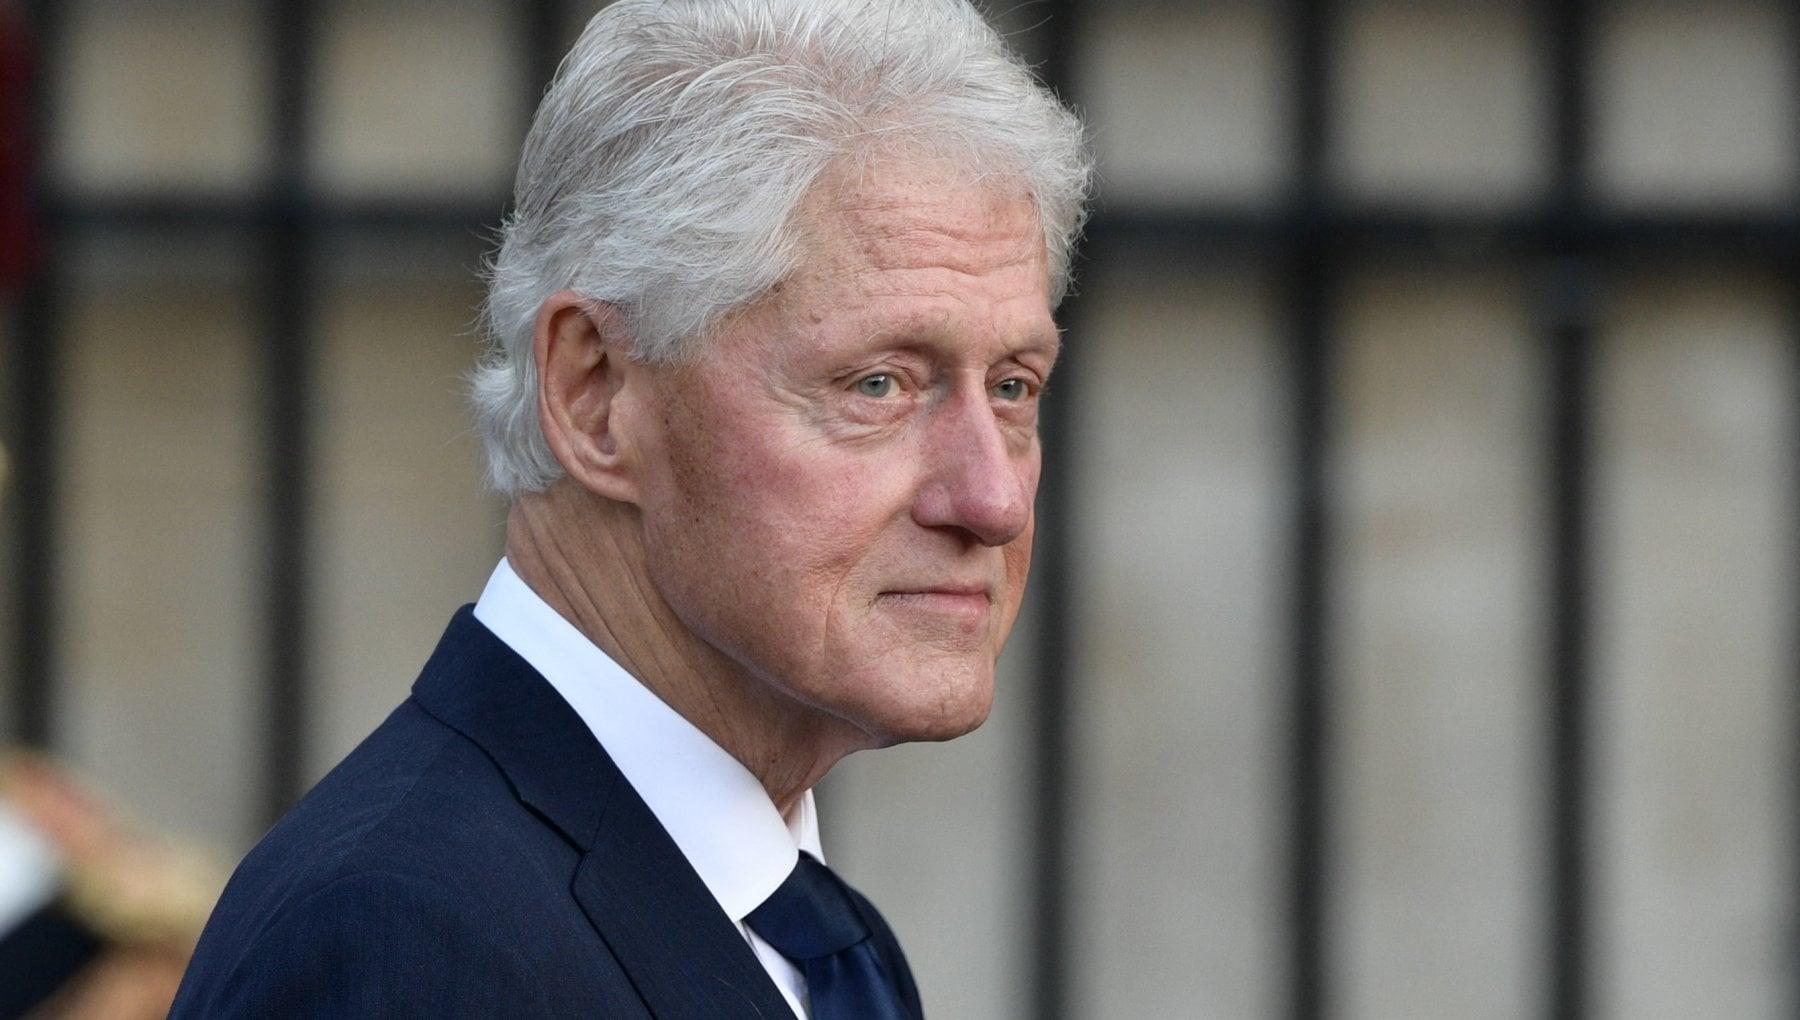 """034021187 4b2d78b5 98e3 41c9 a631 ade5a015b165 - Bill Clinton ricoverato in terapia intensiva per una sospetta infezione. Il portavoce: """"In via di guarigione"""""""